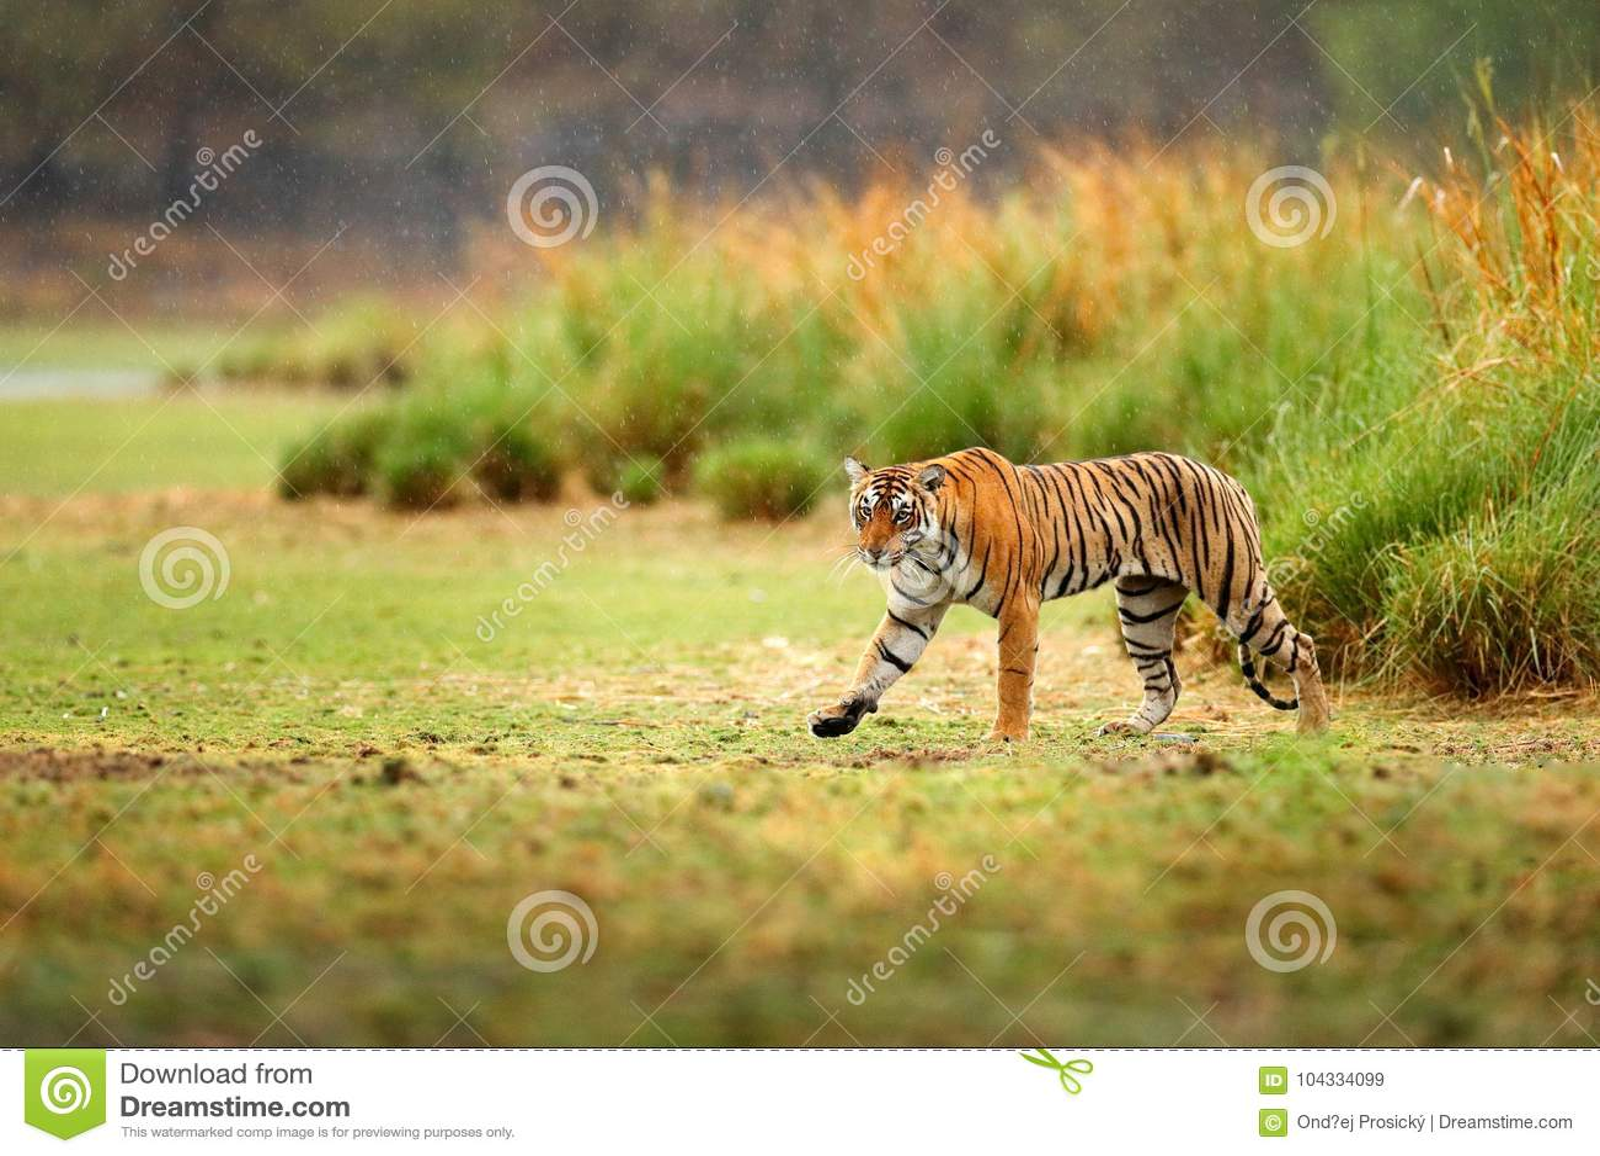 www grande indiano micio com